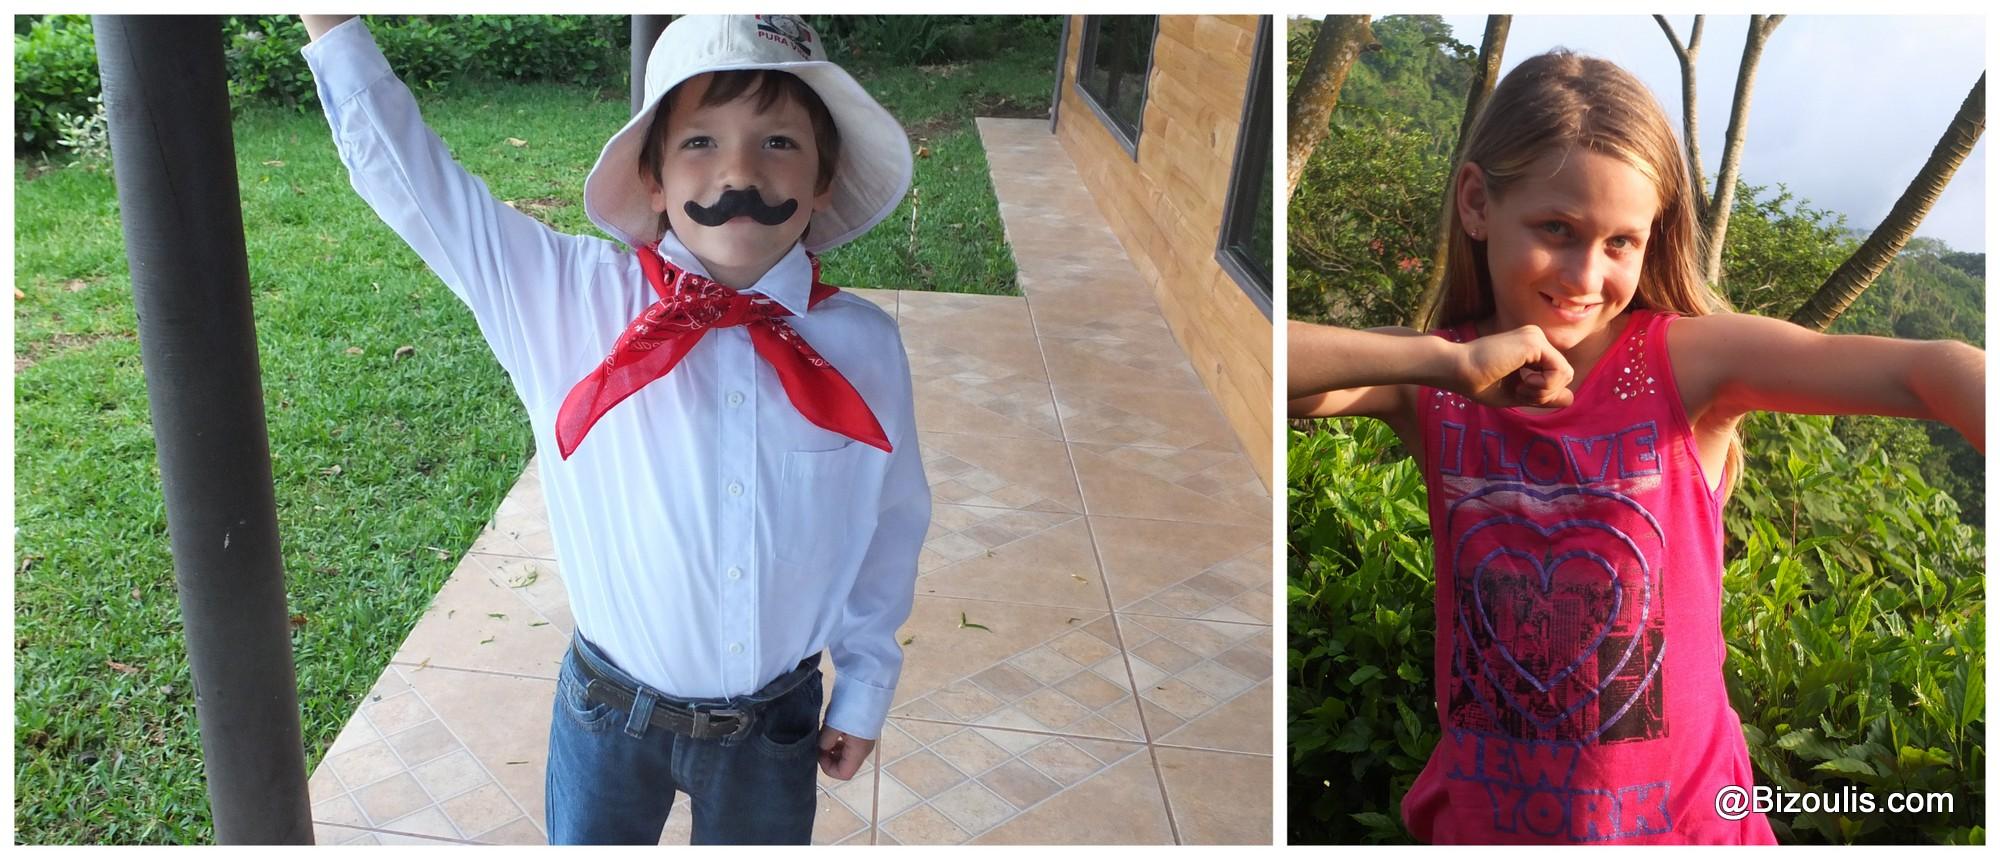 On fête le Guanacaste et notre belle Lilie!